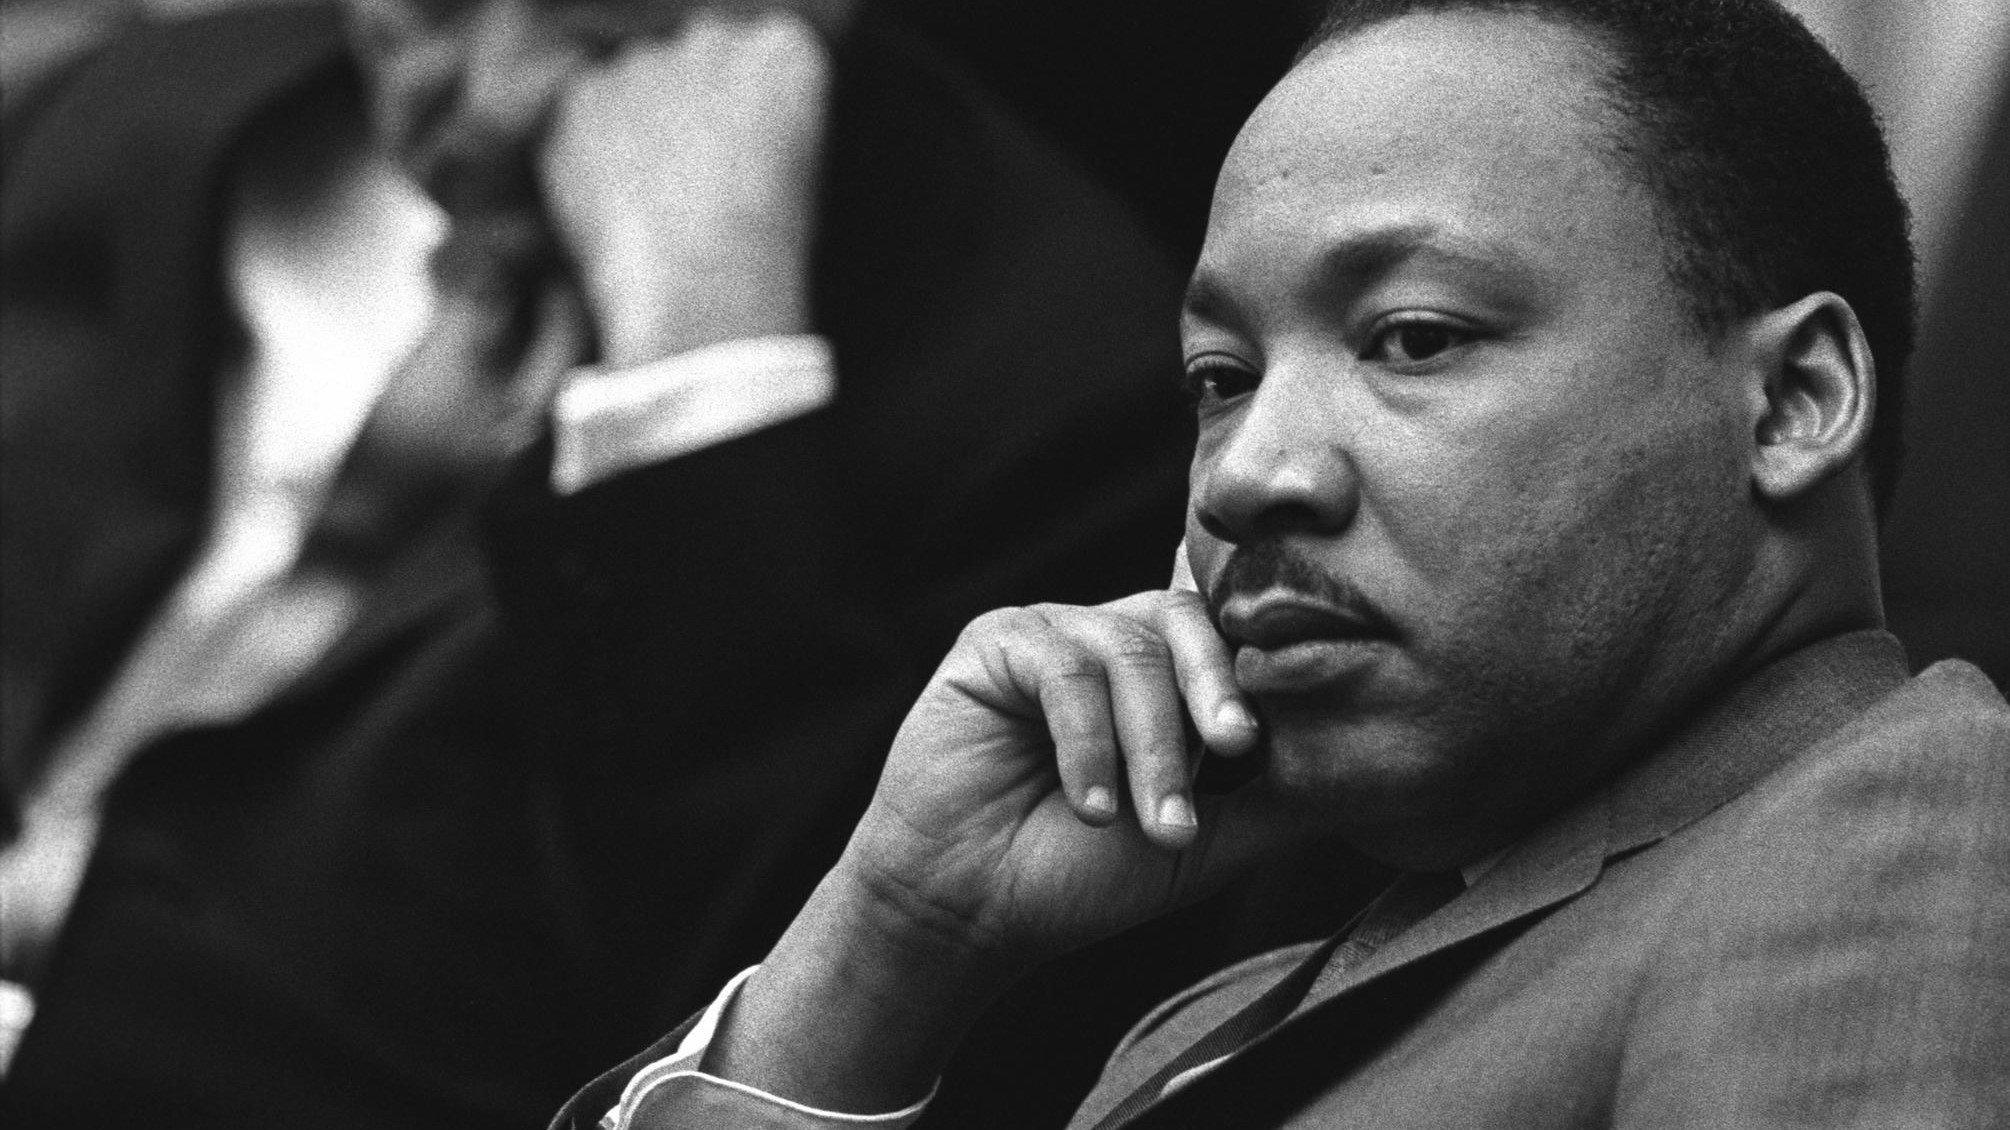 30 Frases Marcantes E Inspiradoras De Martin Luther King Jr